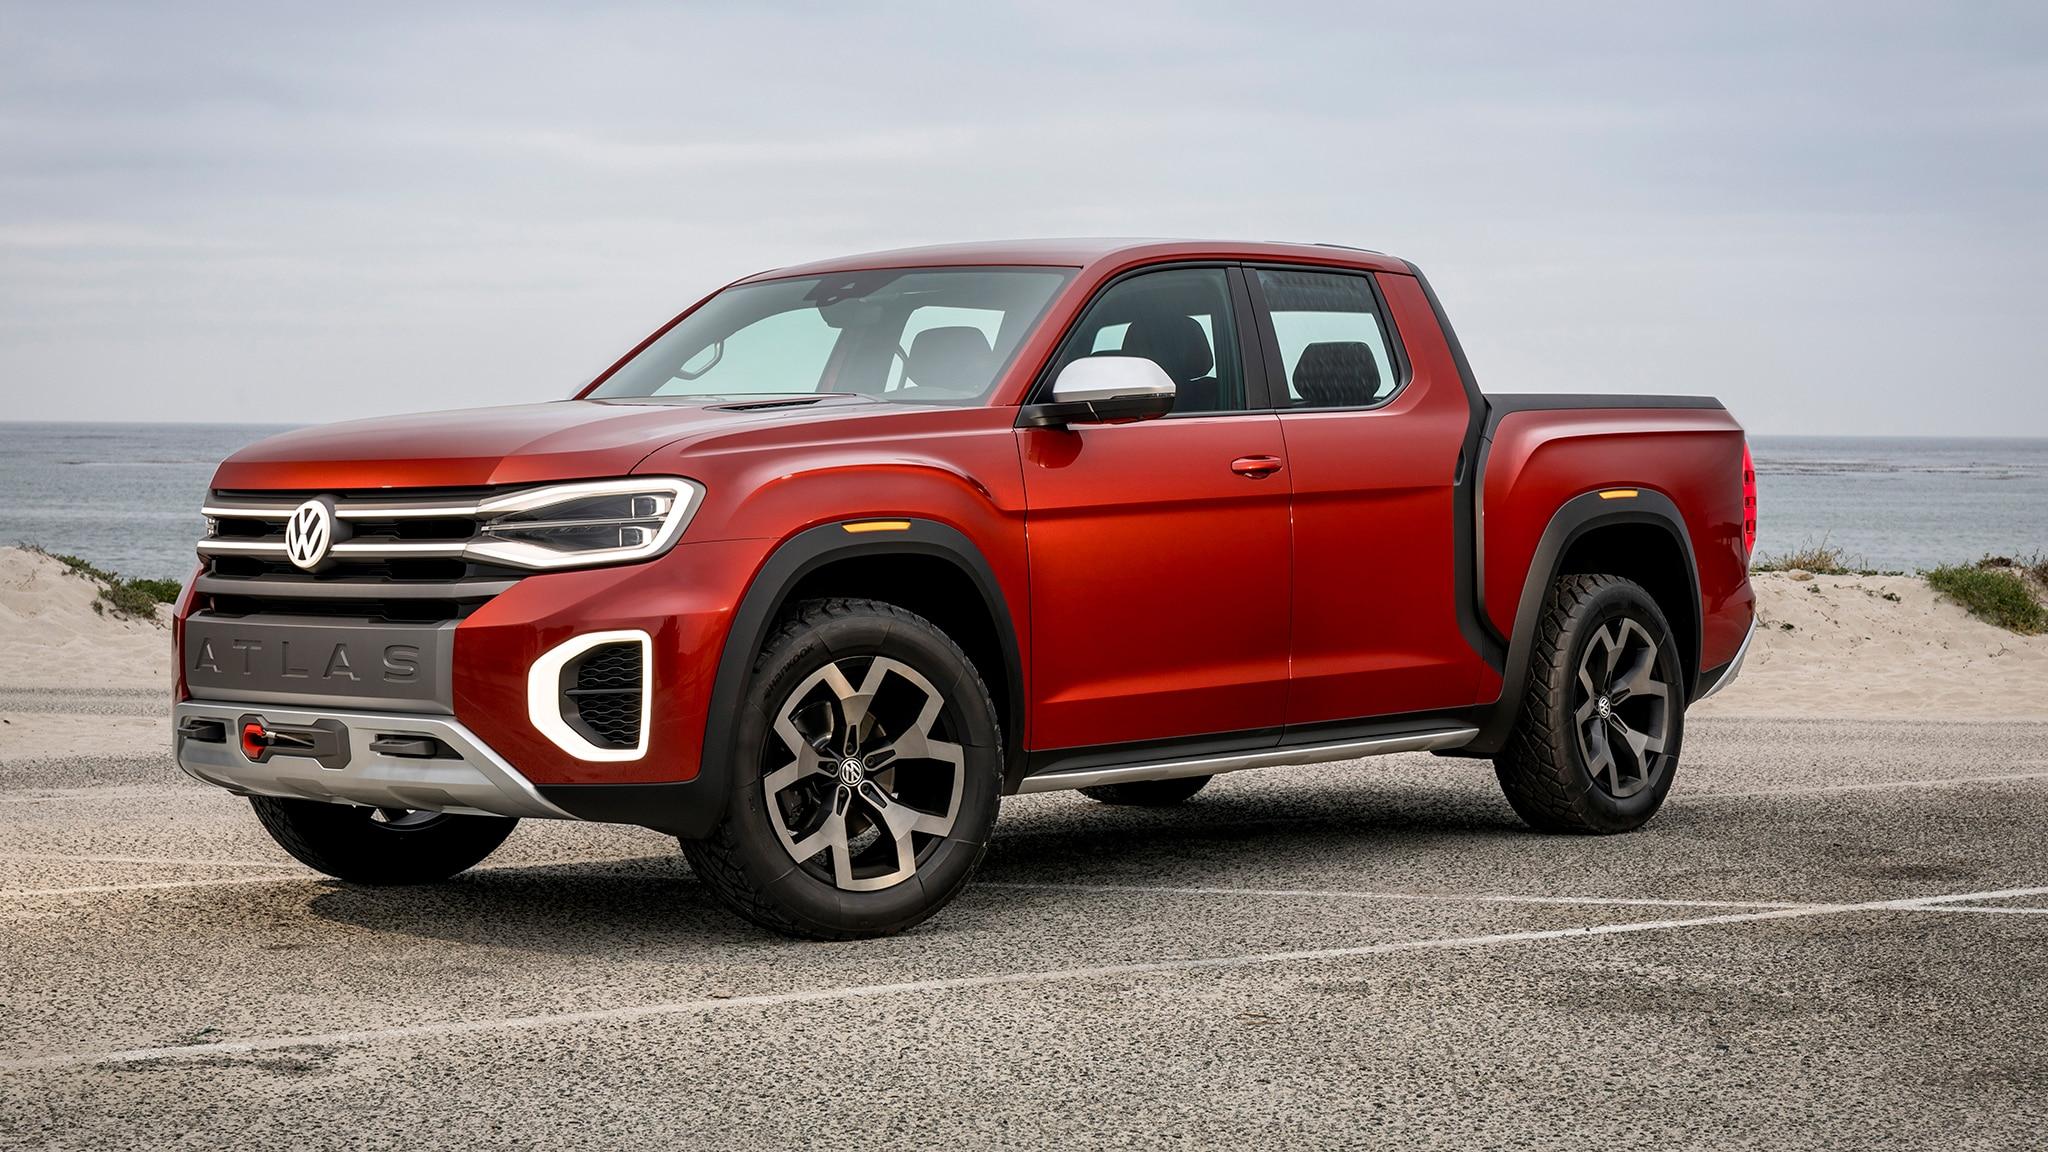 Volkswagen Atlas Tanoak Truck Concept Front Three Quarter 3